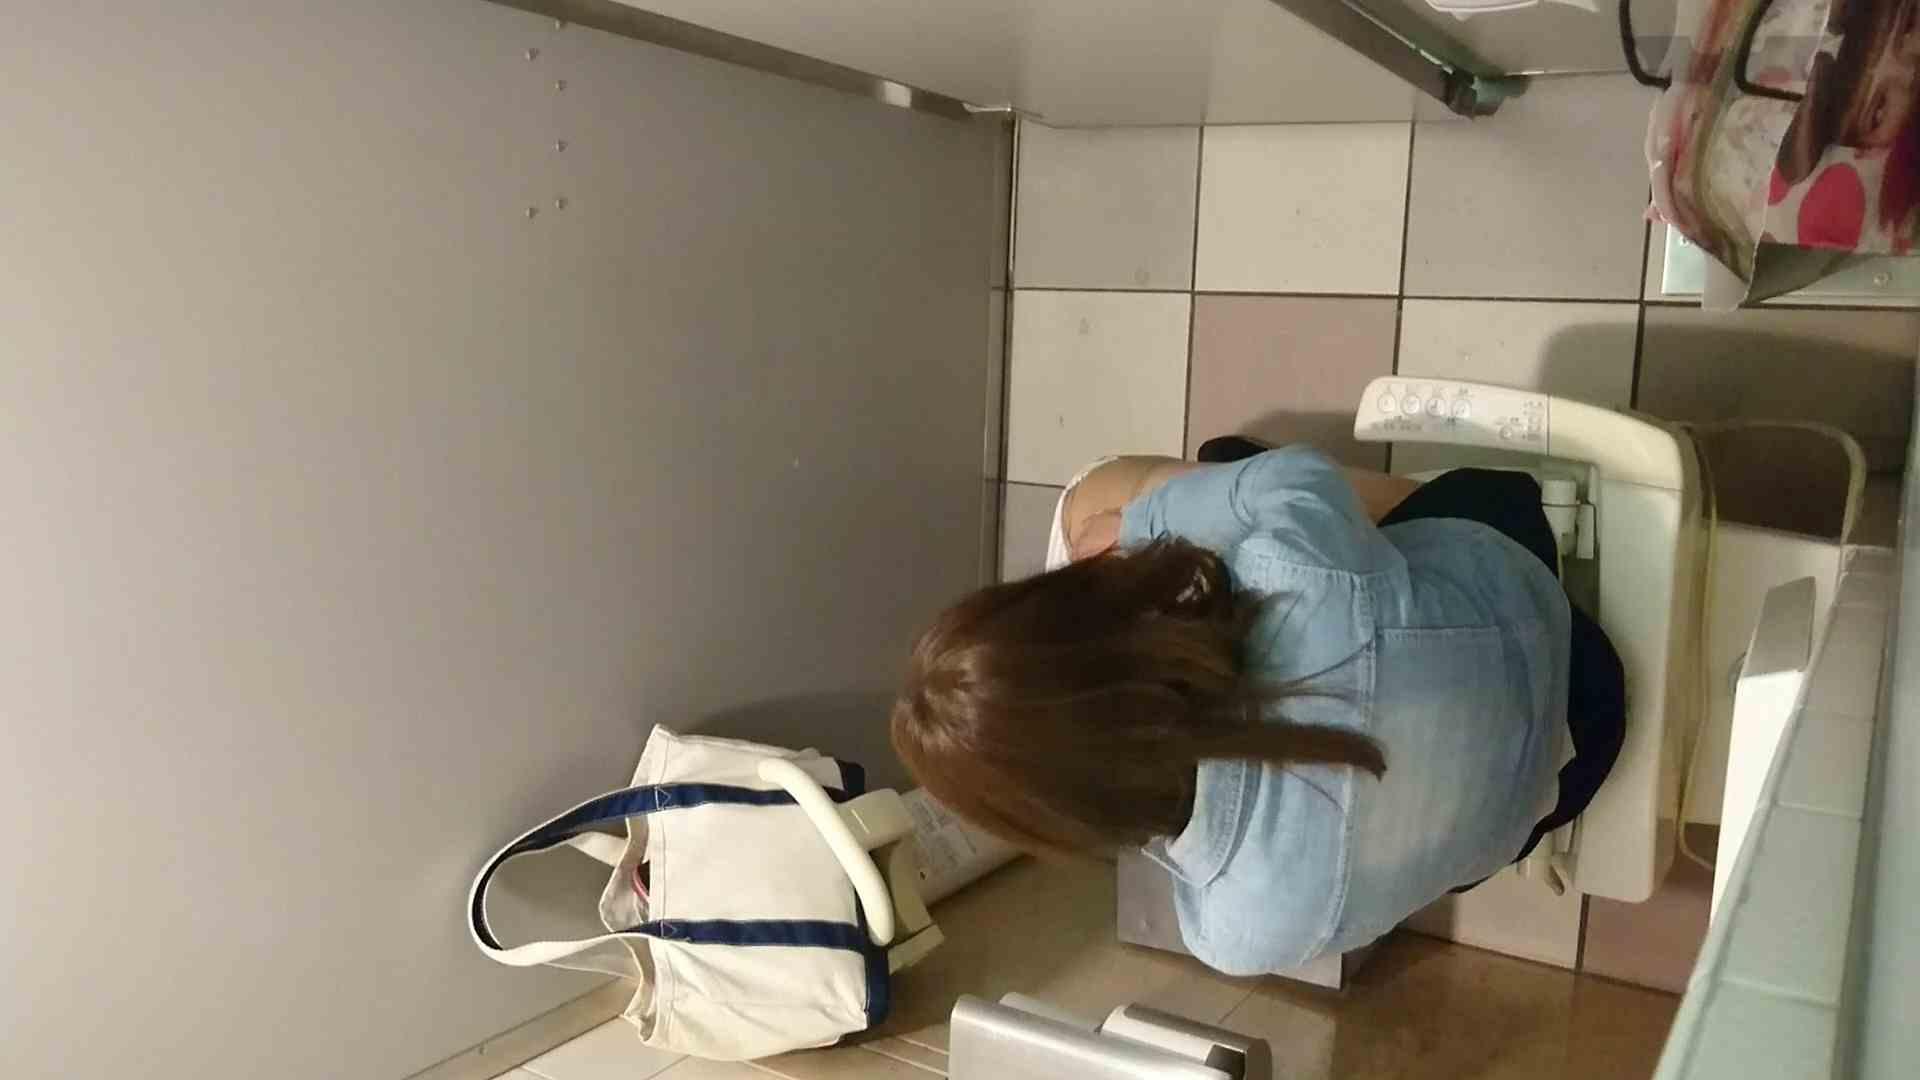 化粧室絵巻 ショッピングモール編 VOL.16 美肌 すけべAV動画紹介 55画像 44